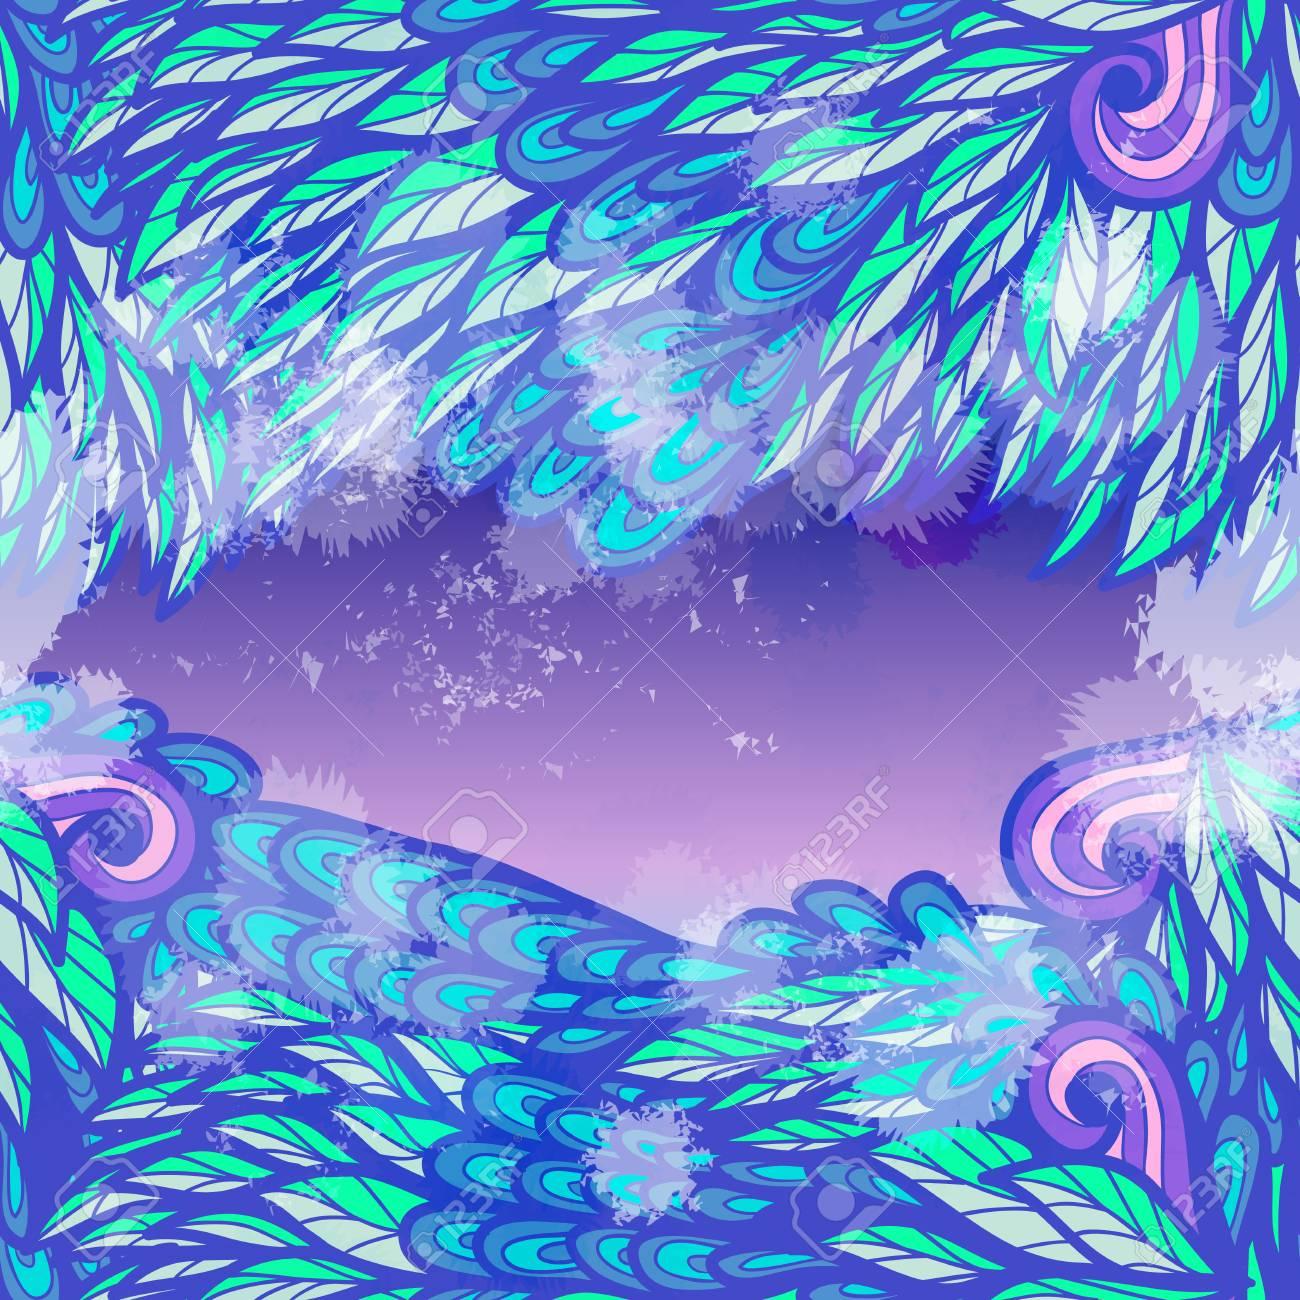 Mano Dibujada Diseño De Tarjeta De Invitación De Neón Azul Y Violeta Transparente Con Remolinos